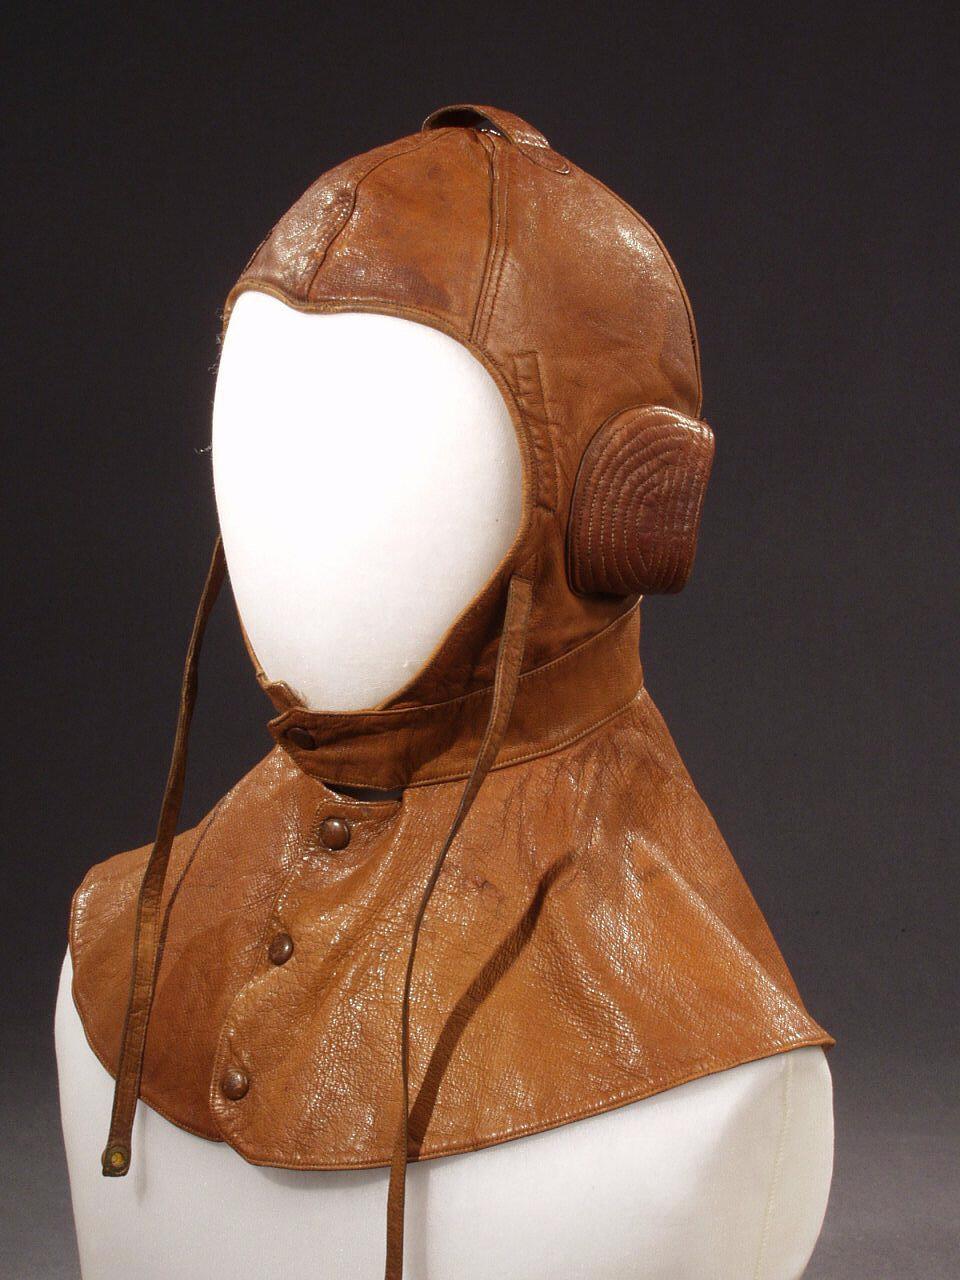 images for Helmet, Flying, Glenn L. Martin